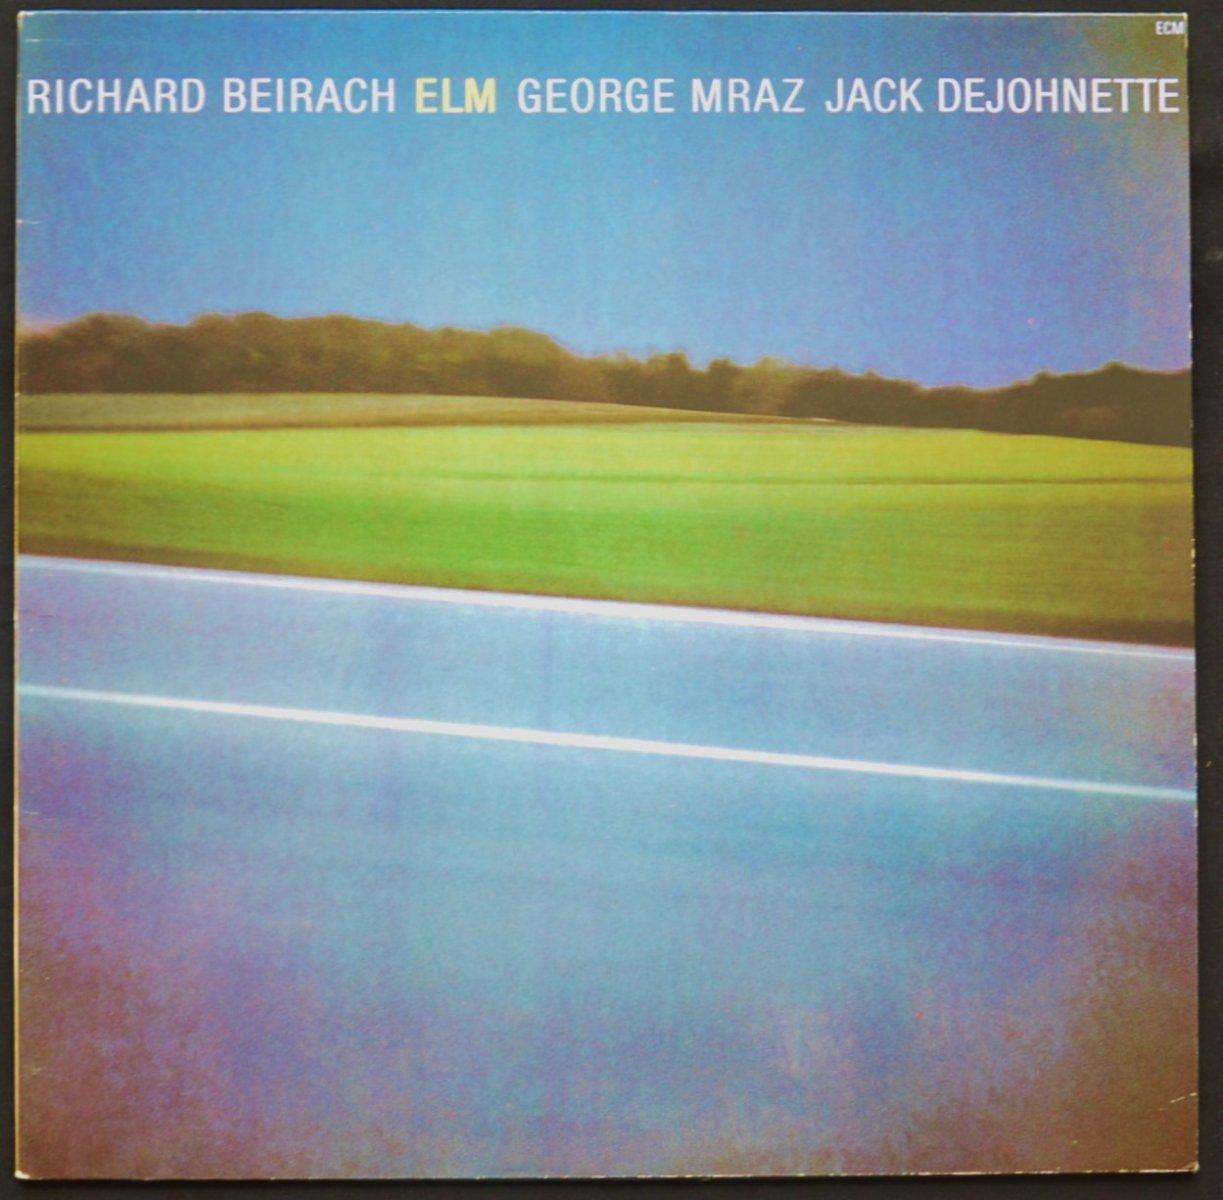 RICHARD BEIRACH / ELM (LP)